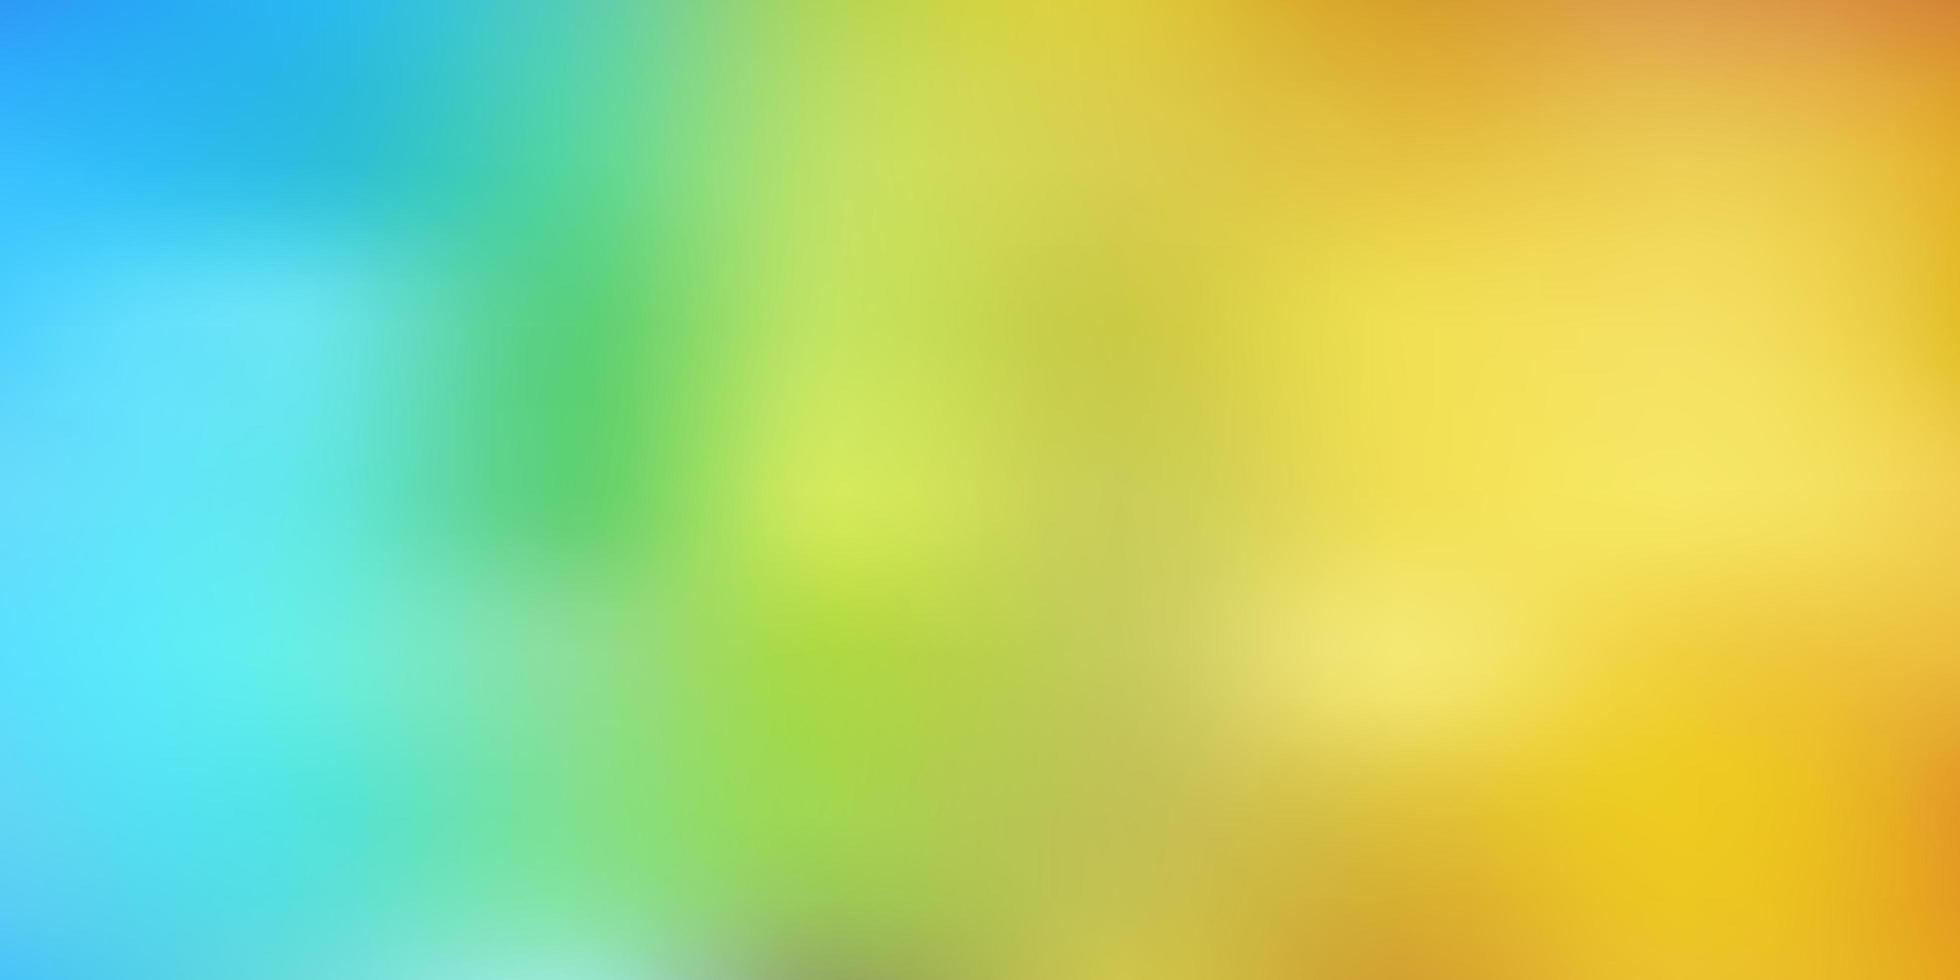 hellblaues, gelb verschwommenes Layout. vektor